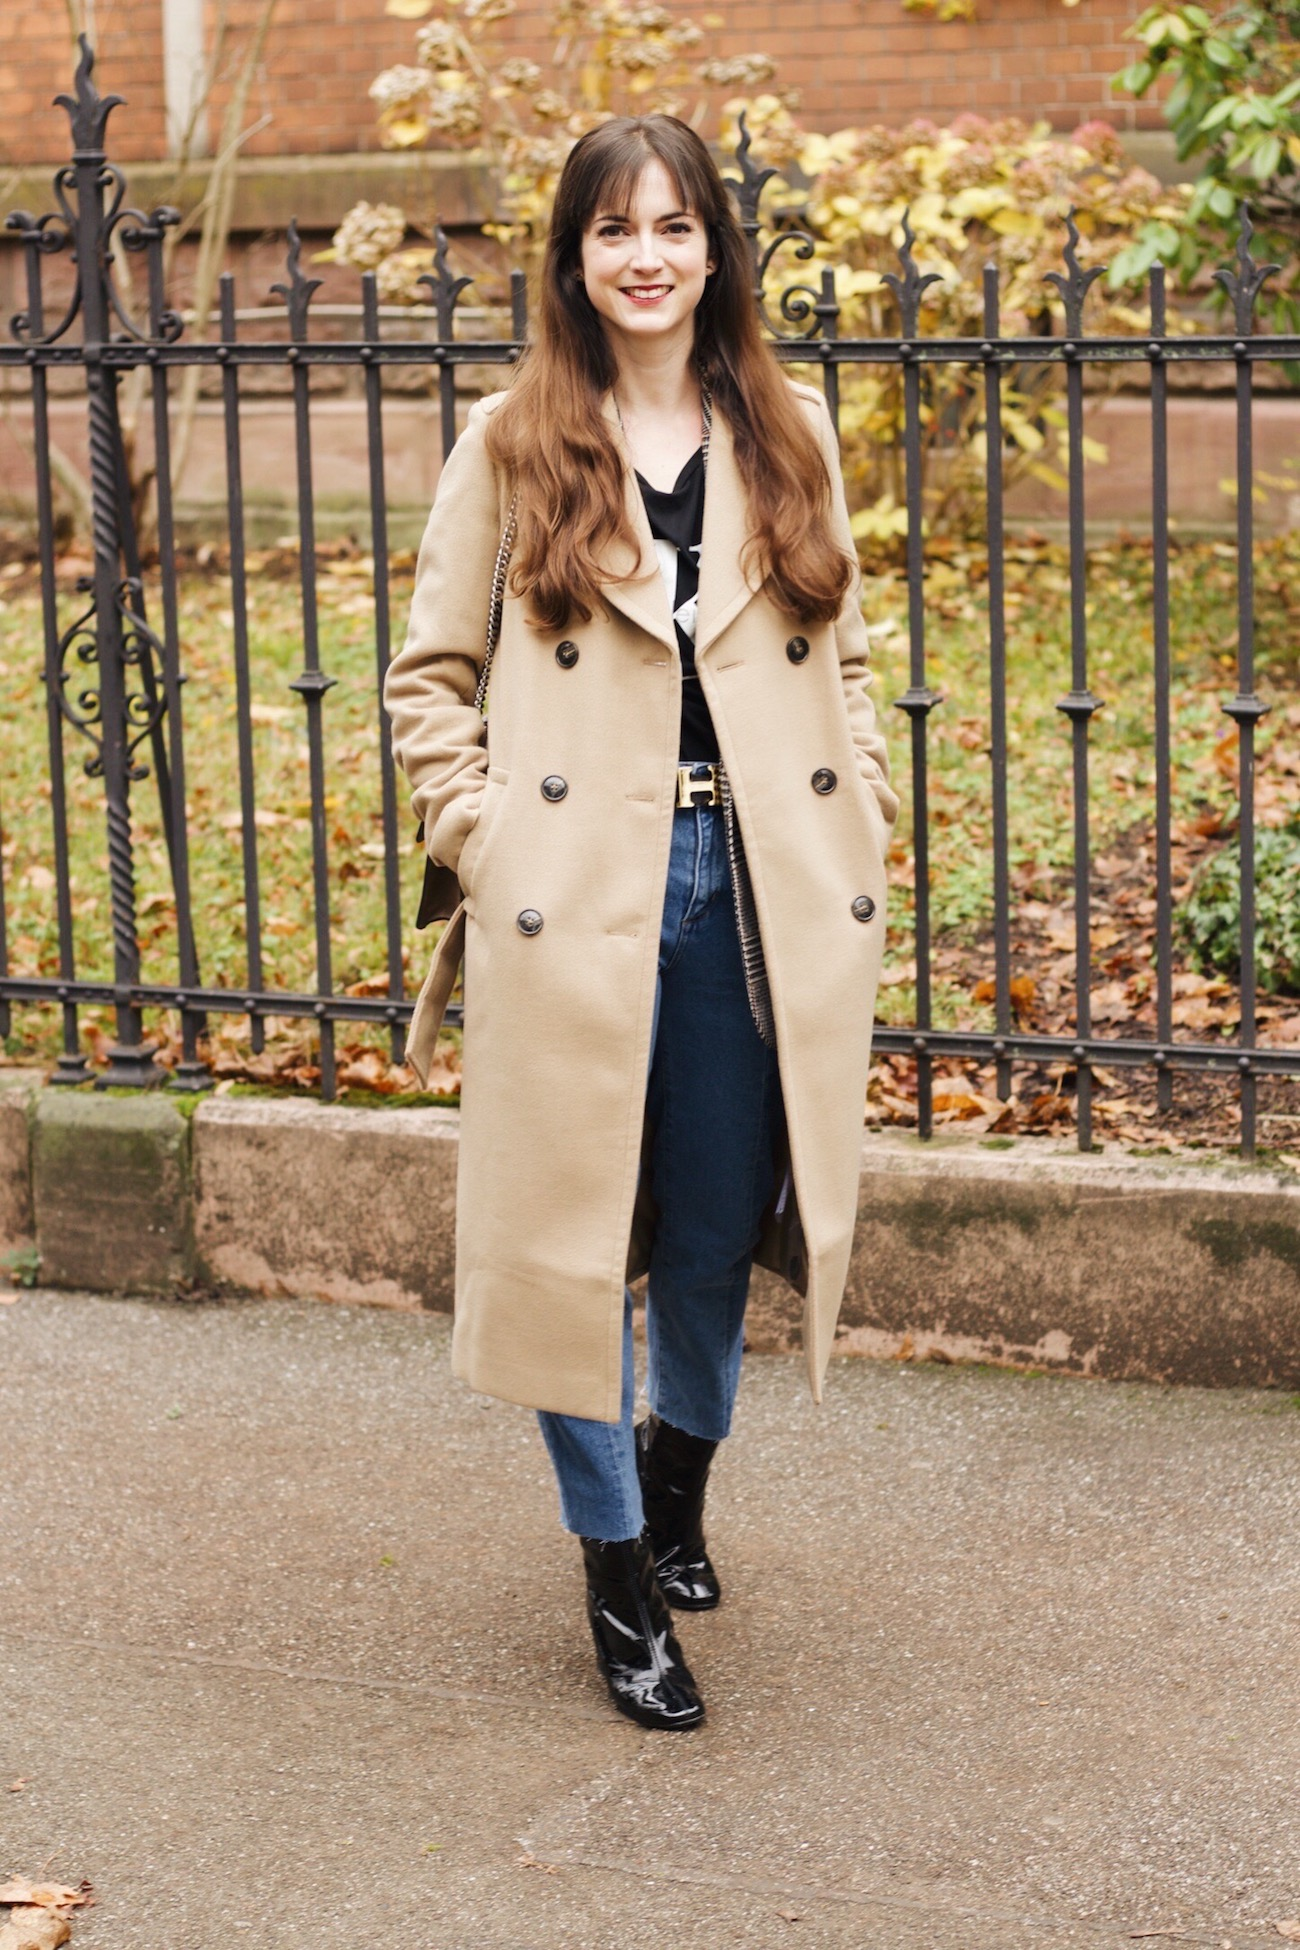 Modeblog Modetrends mit Wintermantel von Edited Camelcoat und Gucci Dionysus Bag